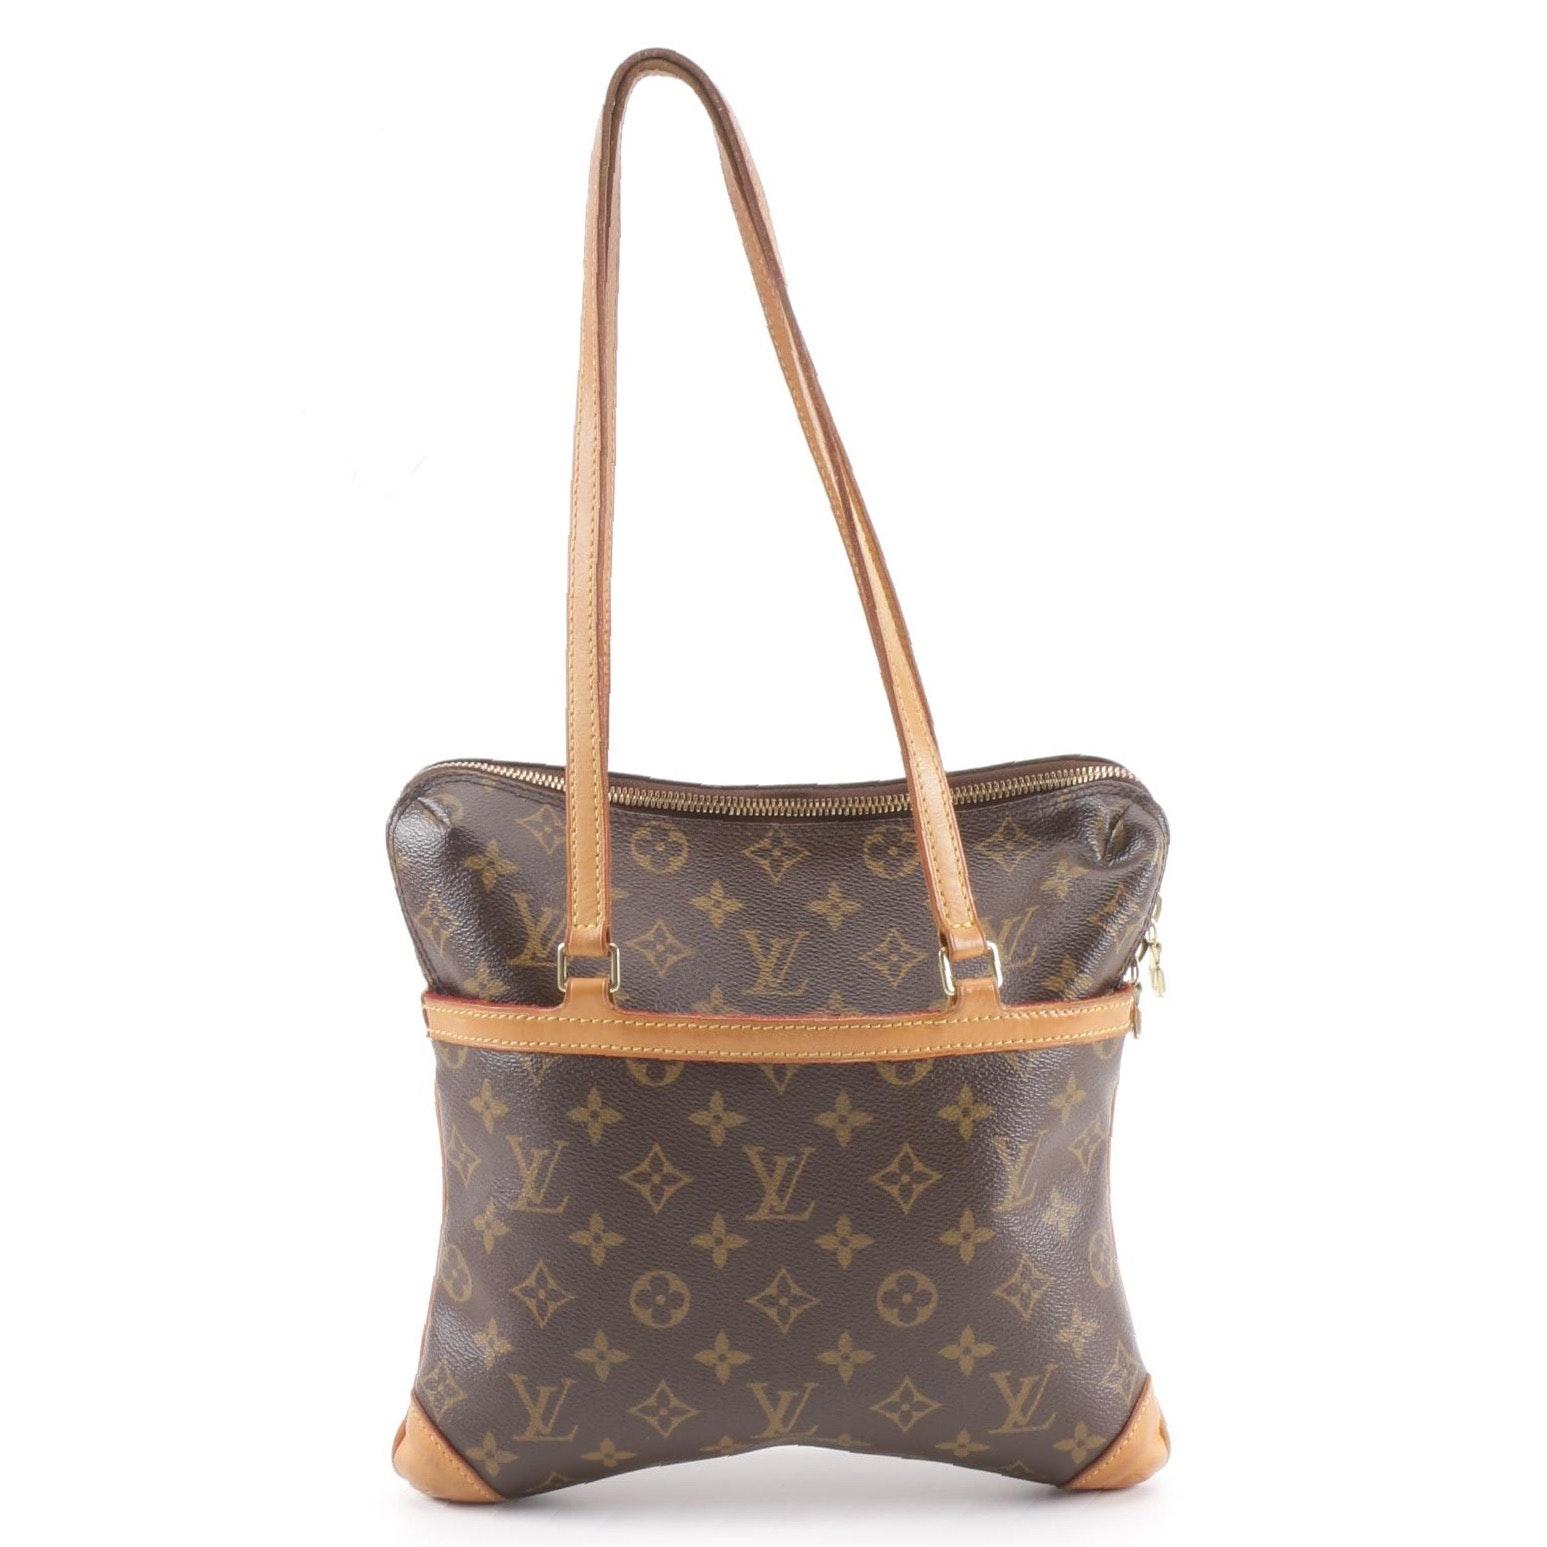 2004 Louis Vuitton Monogram Canvas Sac Coussin GM Shoulder Bag